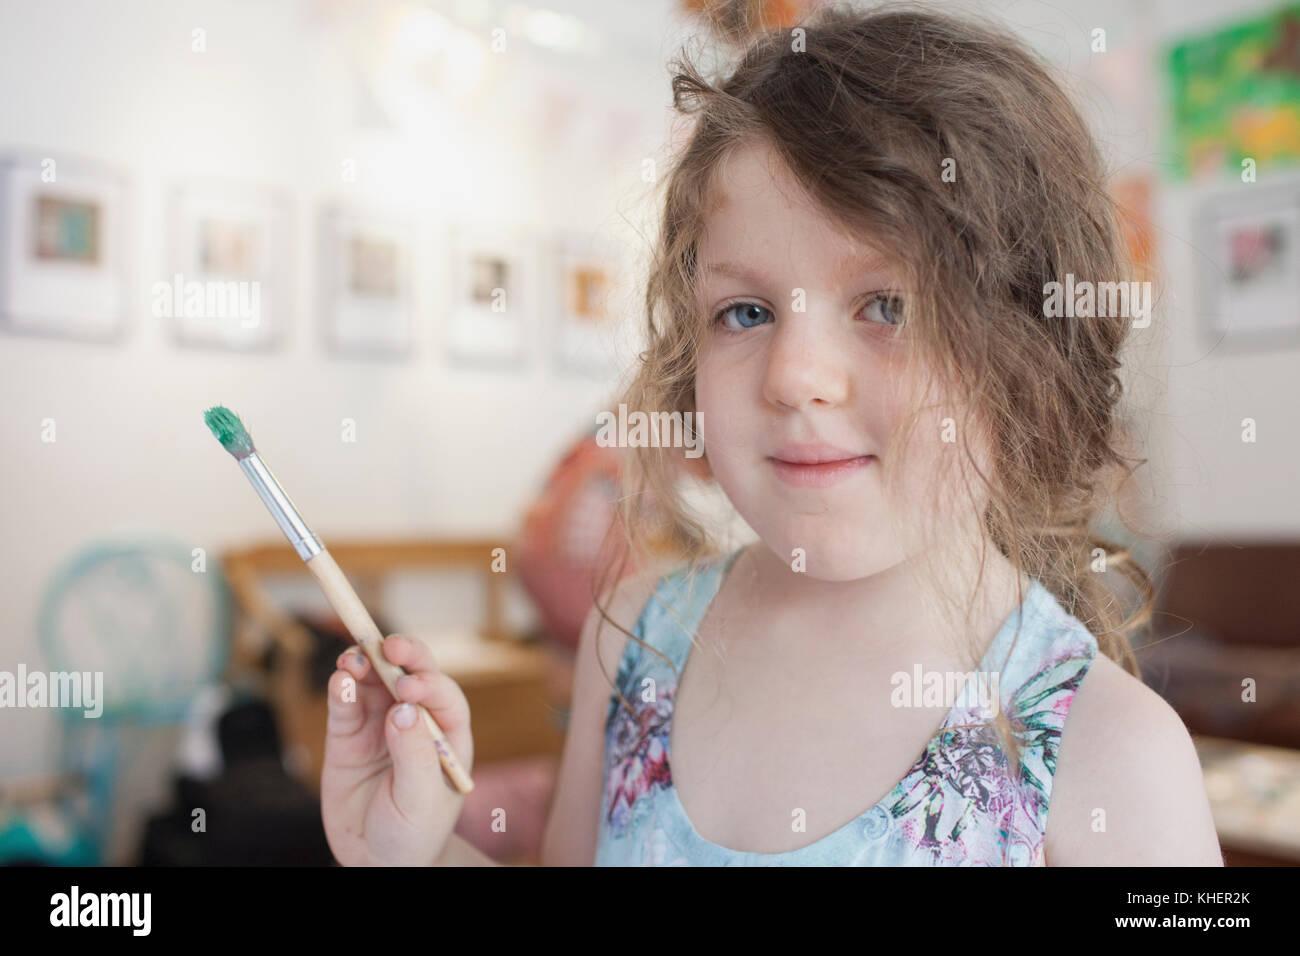 Una Chica sujetando un pincel Imagen De Stock